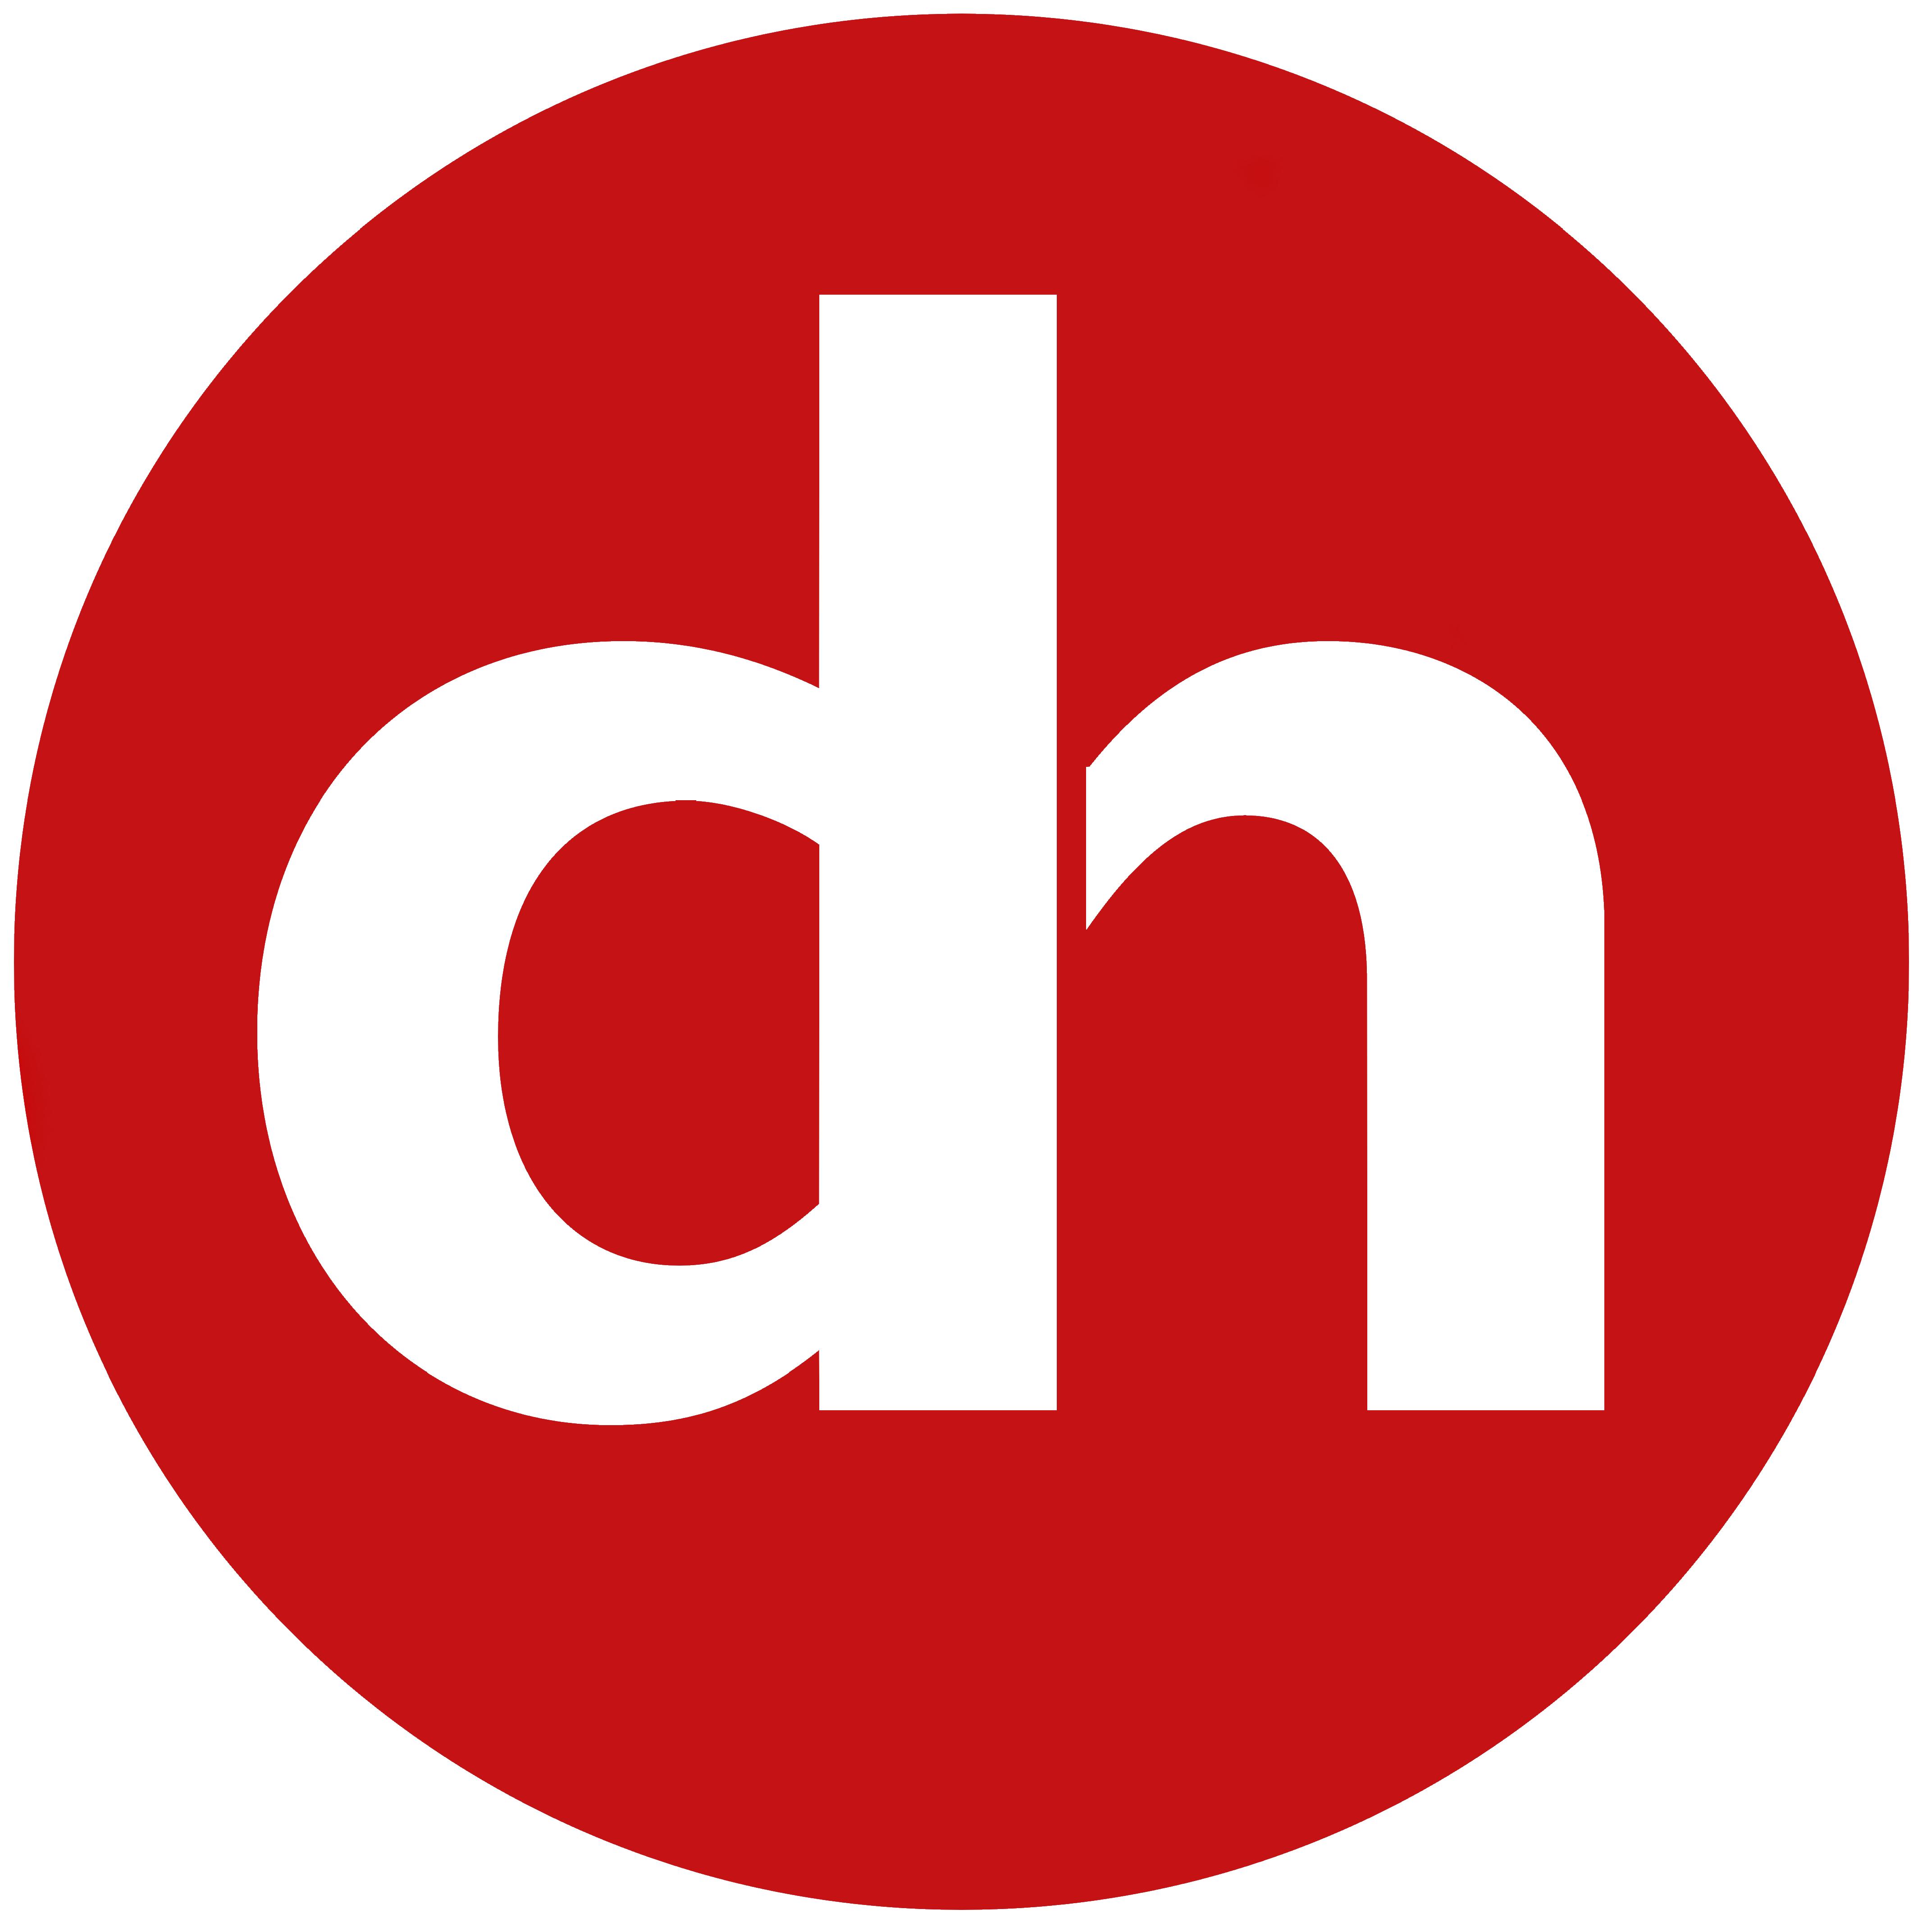 LOGO vonDH Immobilien GmbH